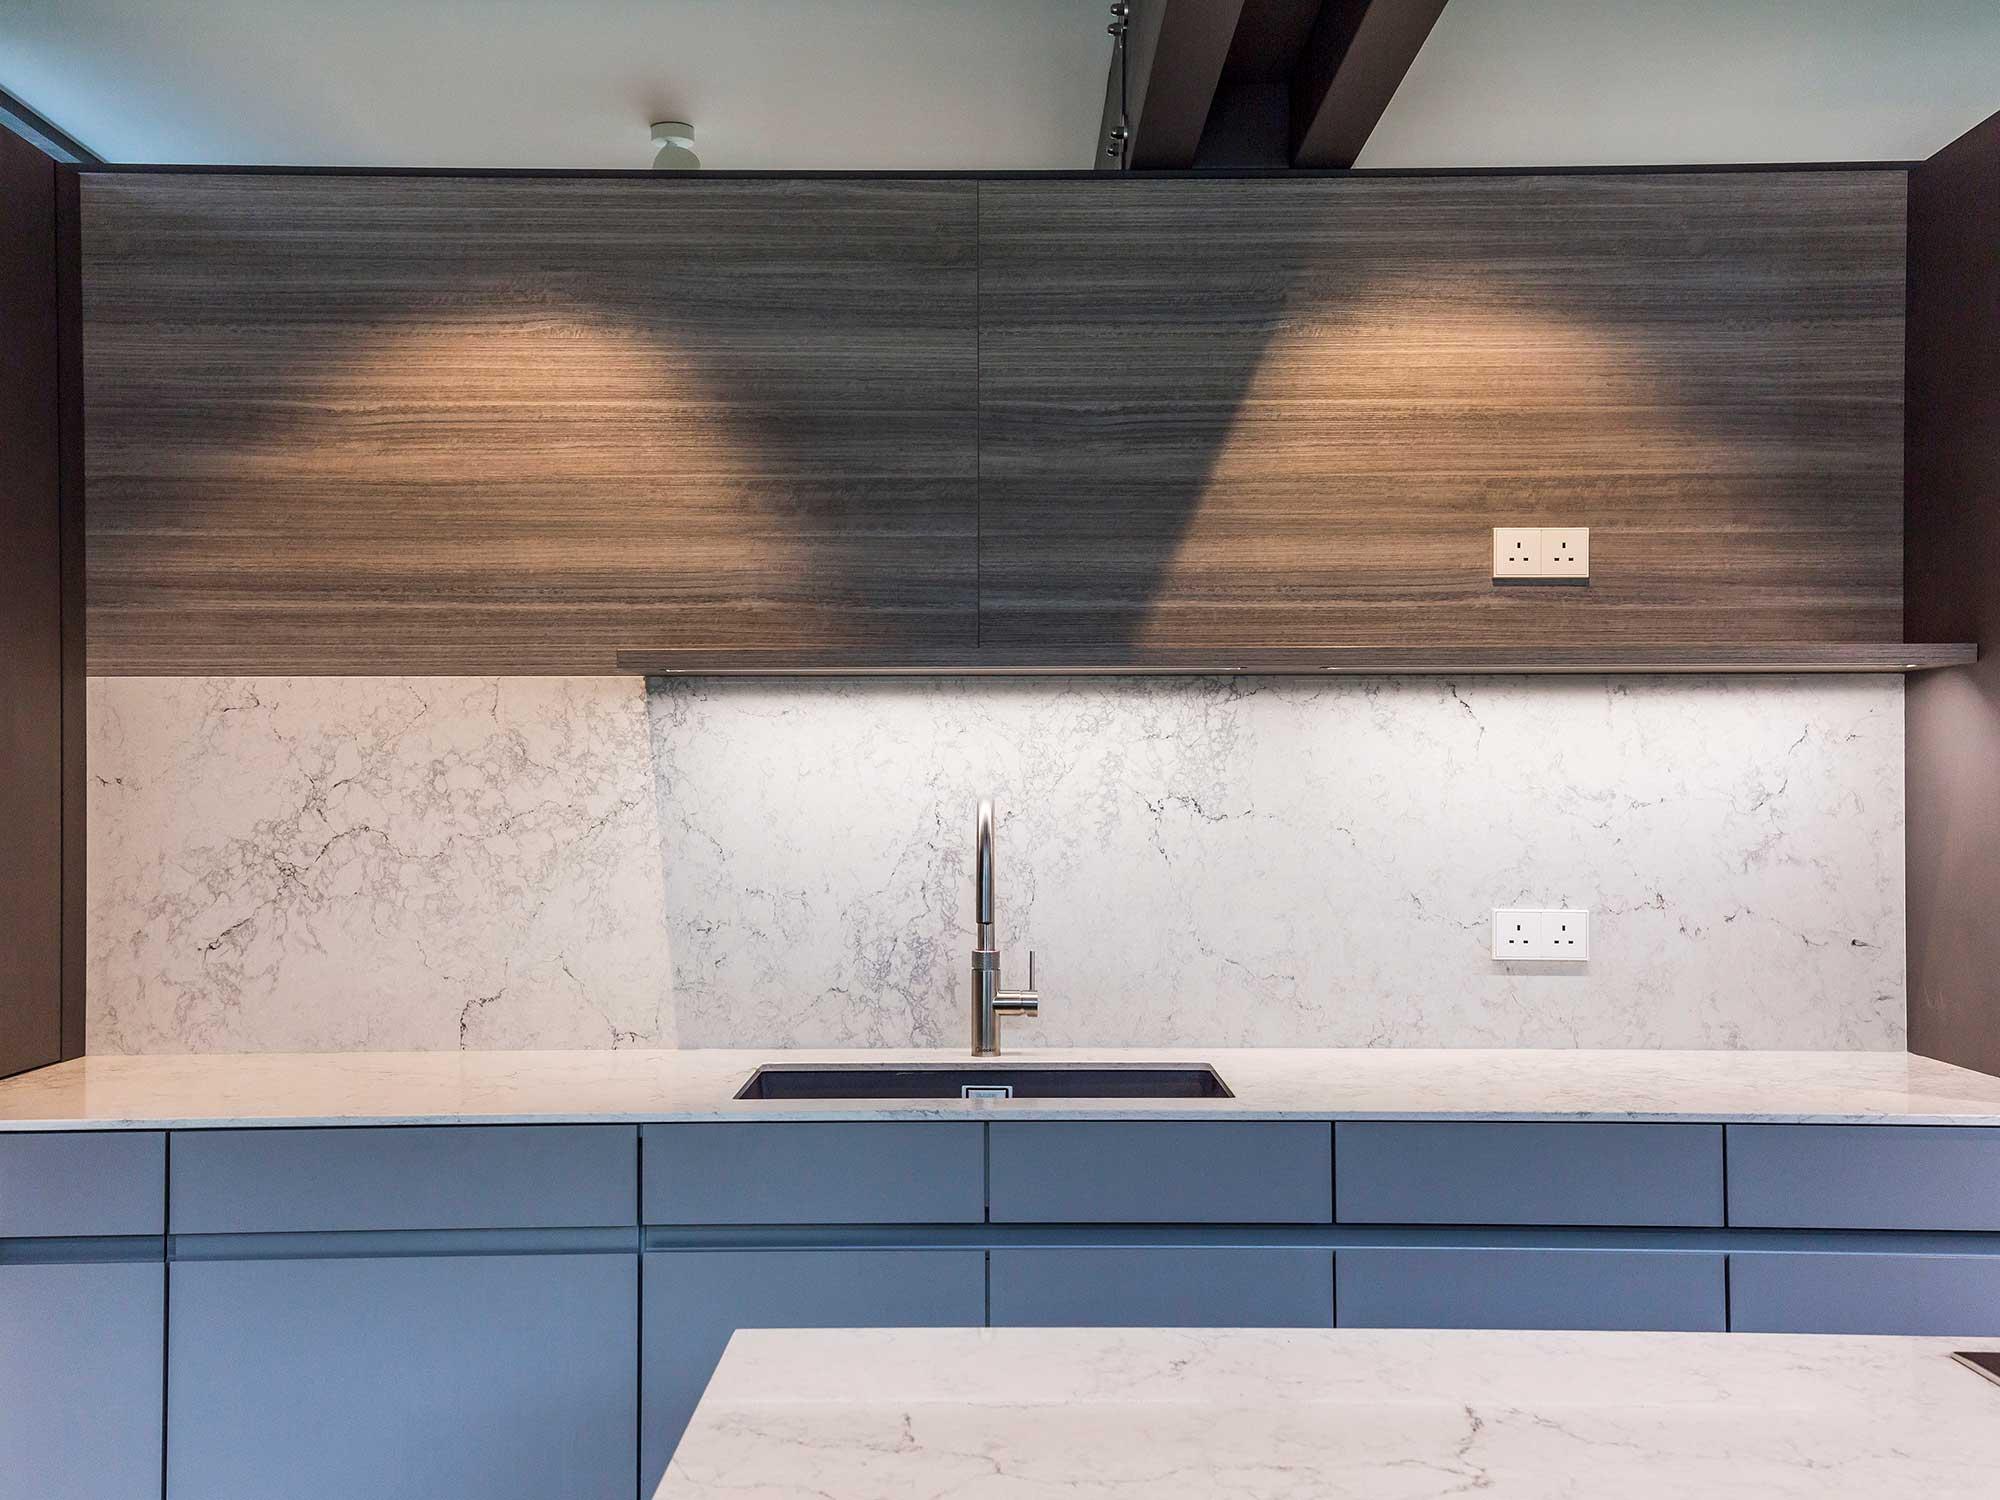 Kitchen worktop upstand in Guildford